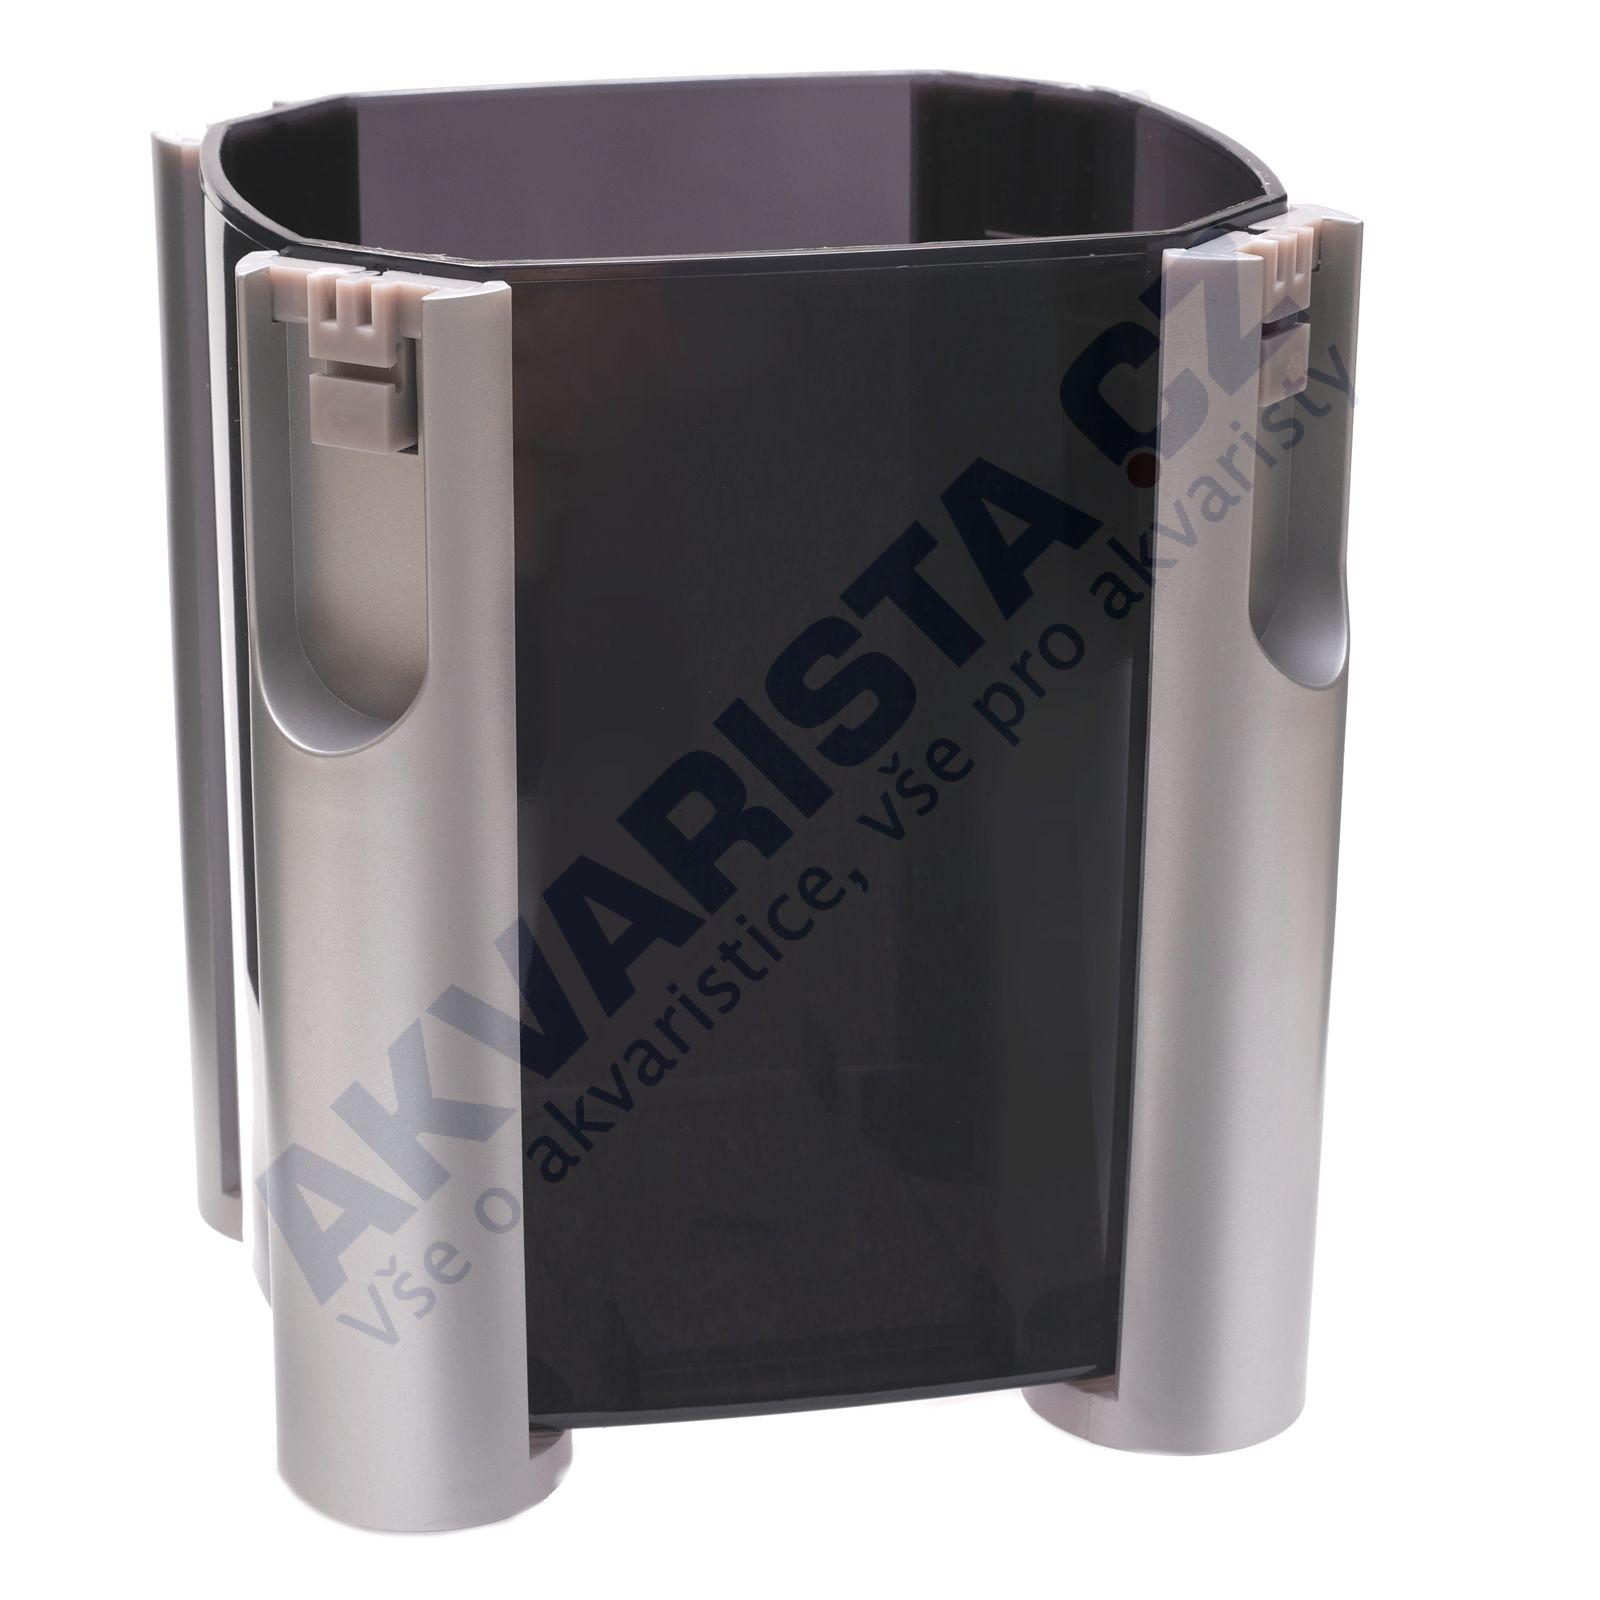 JBL Náhradní nádoba filtru CristalProfi e700, e701, e702